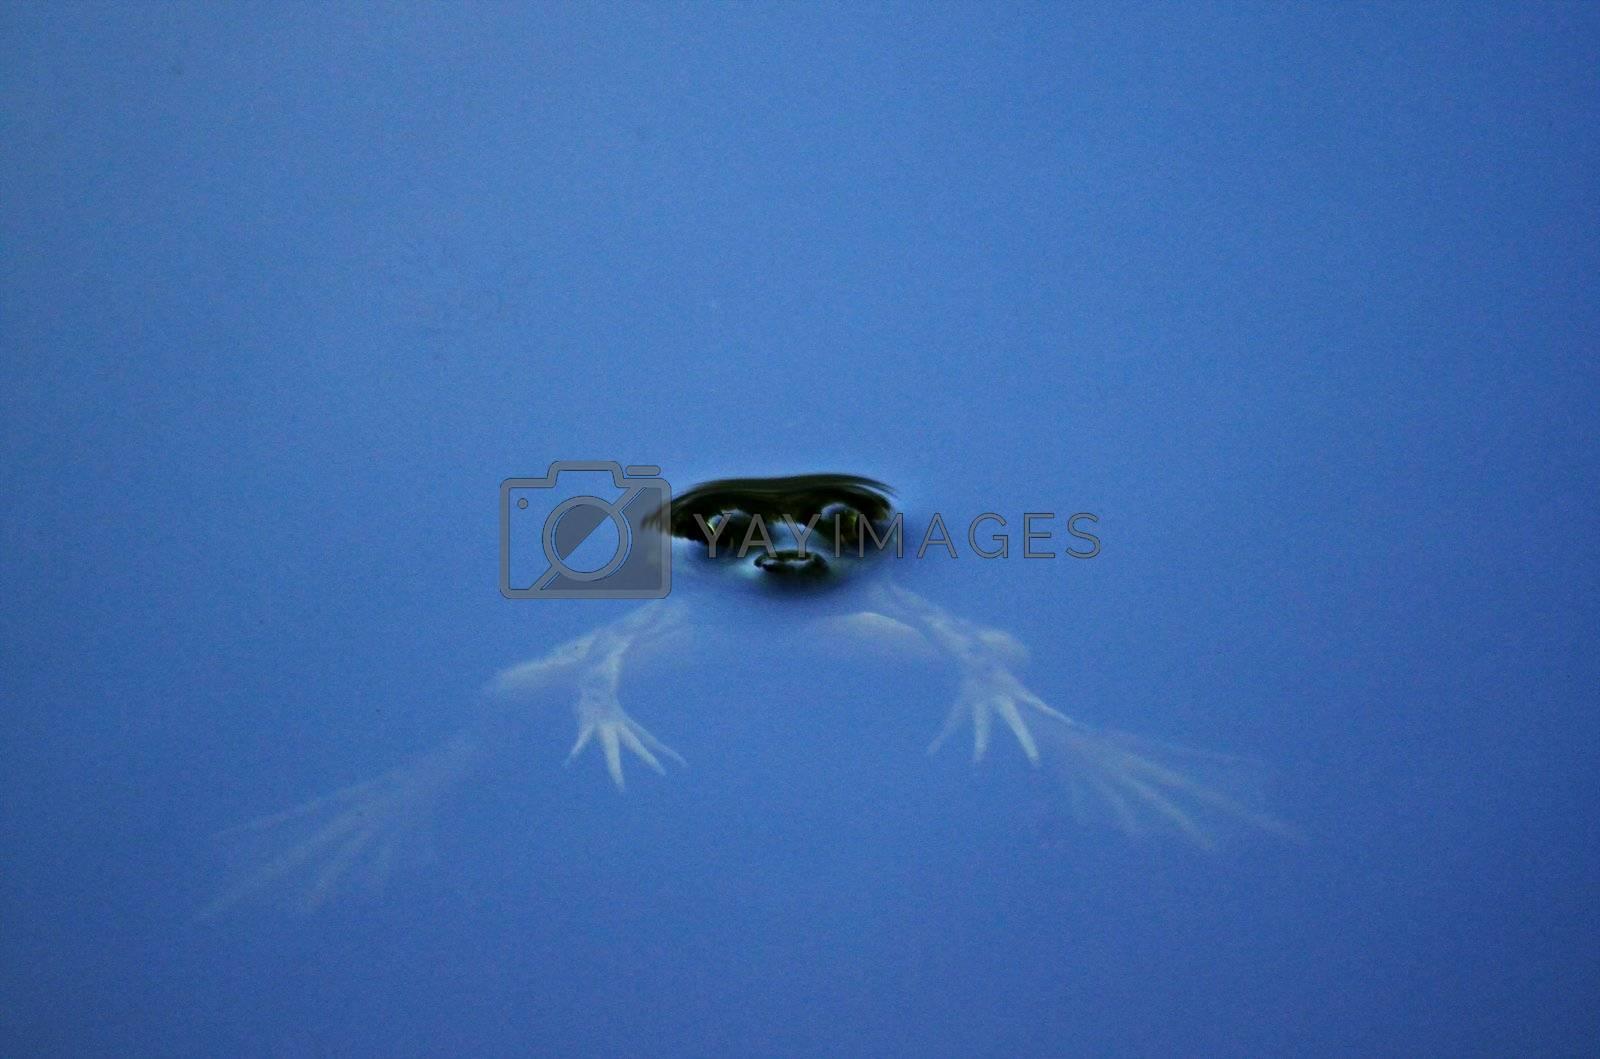 Frog with bulging eyes peeking through the surface